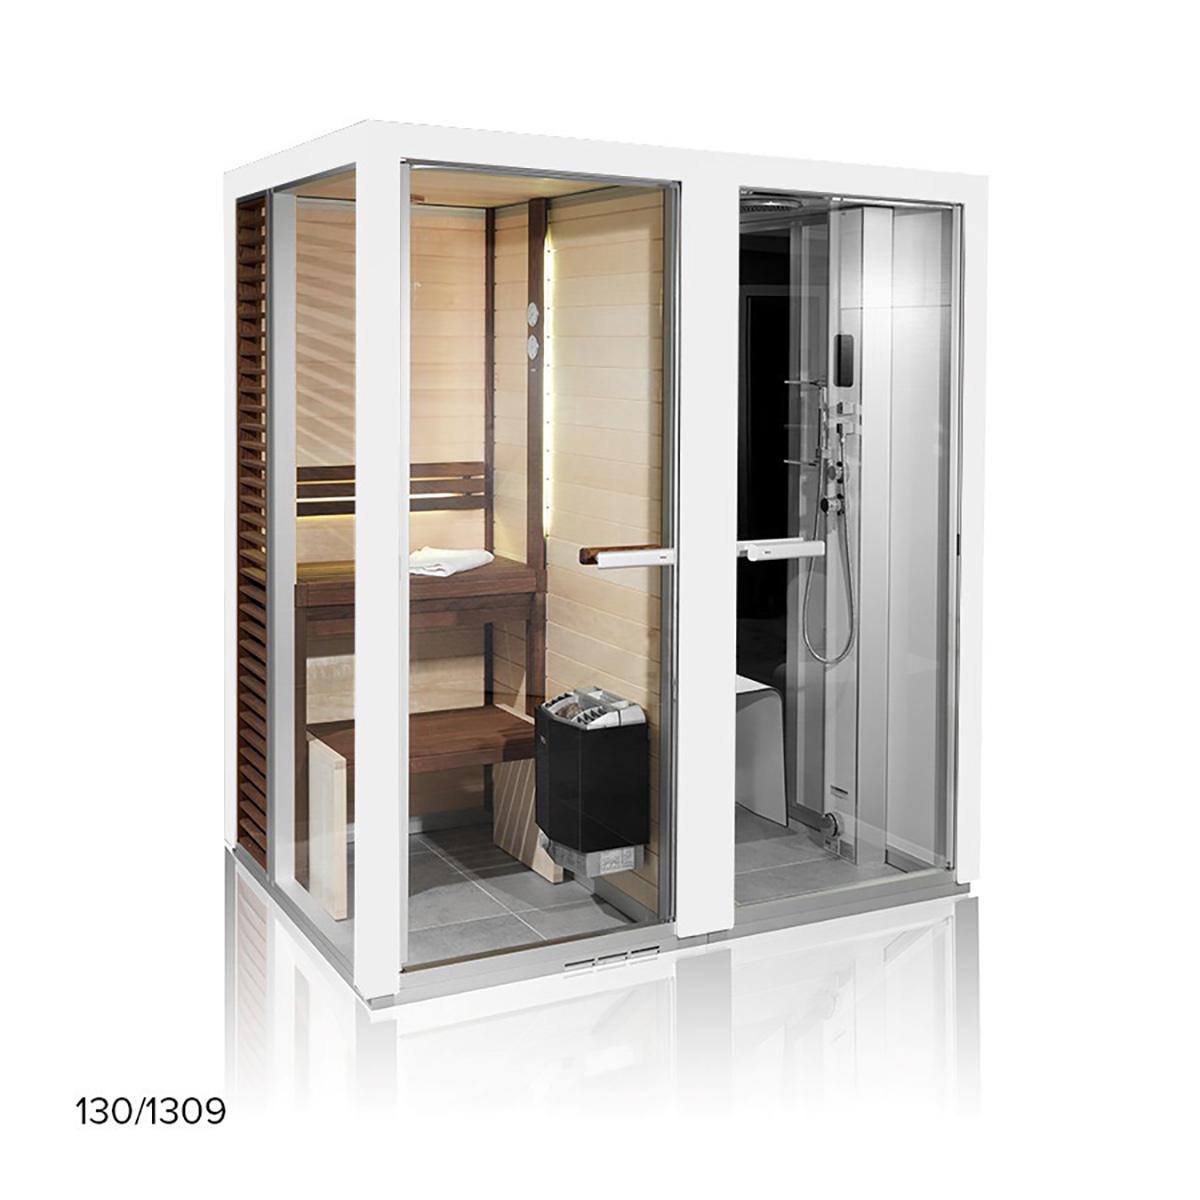 Cabine De Sauna Prix cabine de sauna tylÖhelo impression twin, twin 130/1313